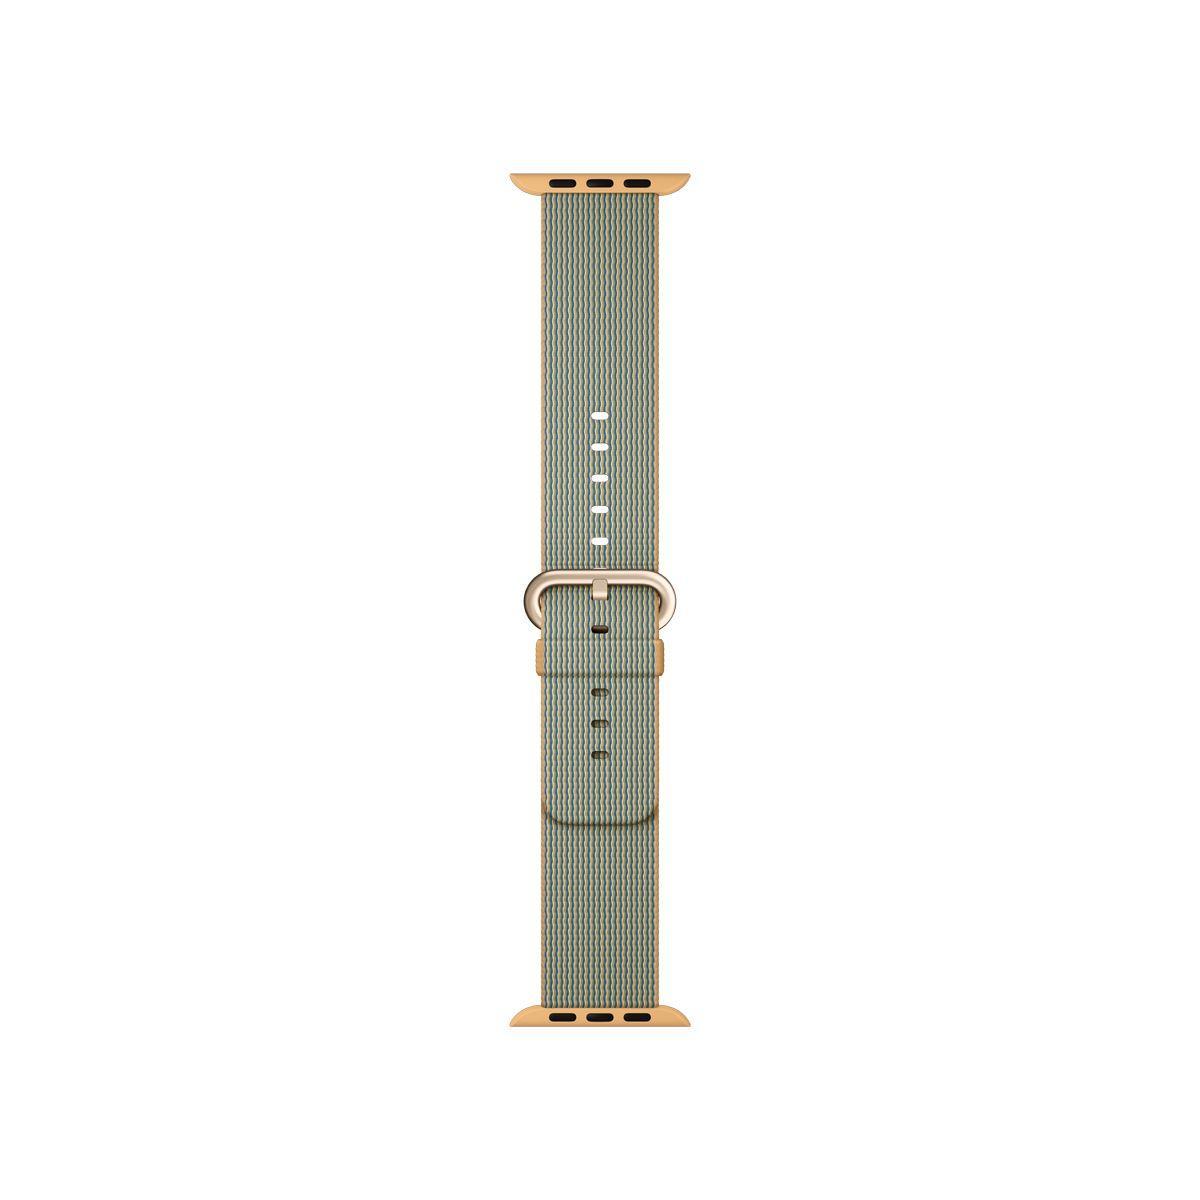 Bracelet apple watch nylon tissé or/bleu roi 42mm - soldes et bons plans